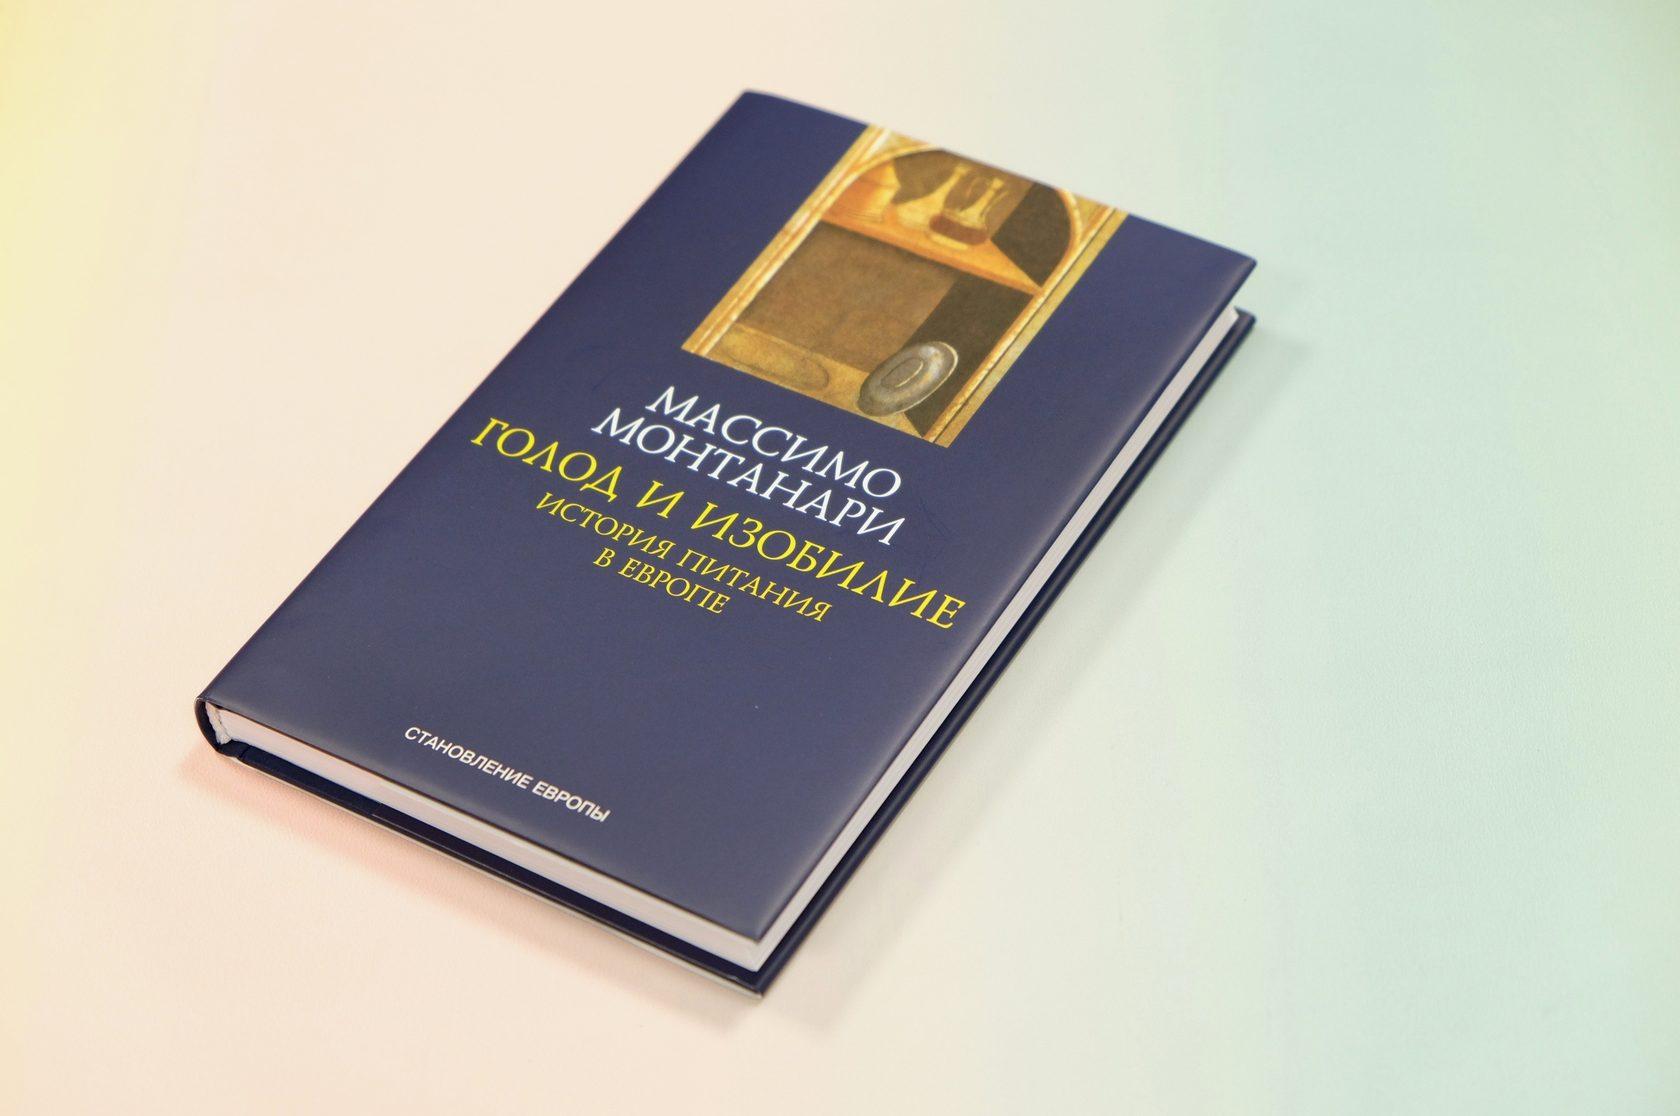 Массимо Монтанари «Голод и изобилие. История питания в Европе»